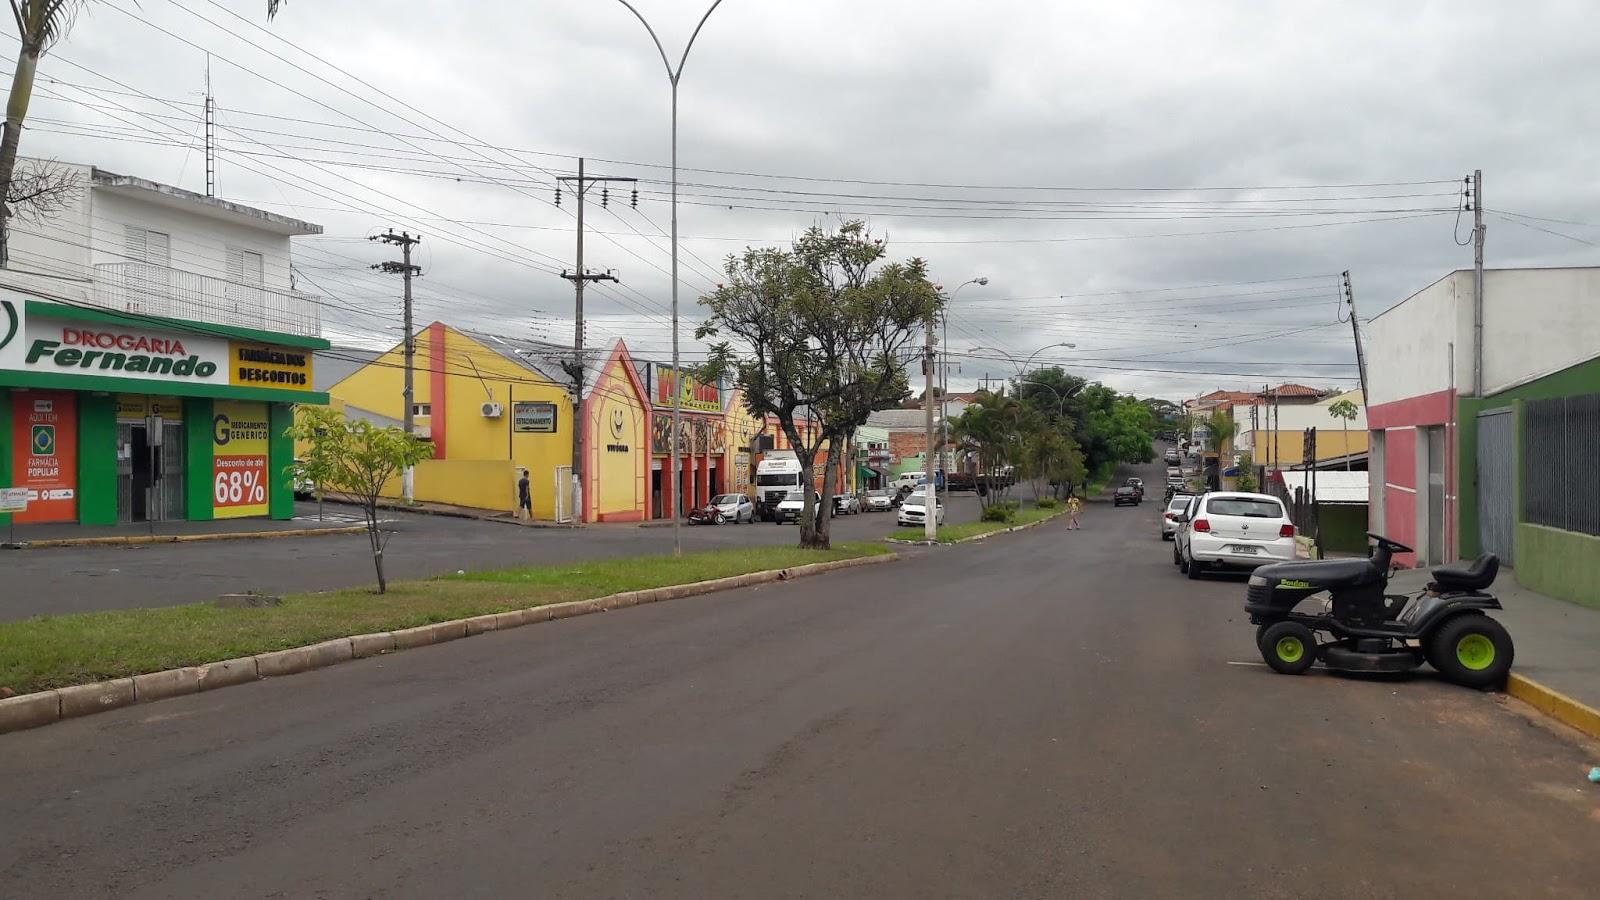 Jacarezinho: Solicitado estacionamento 45 graus na Vila Setti